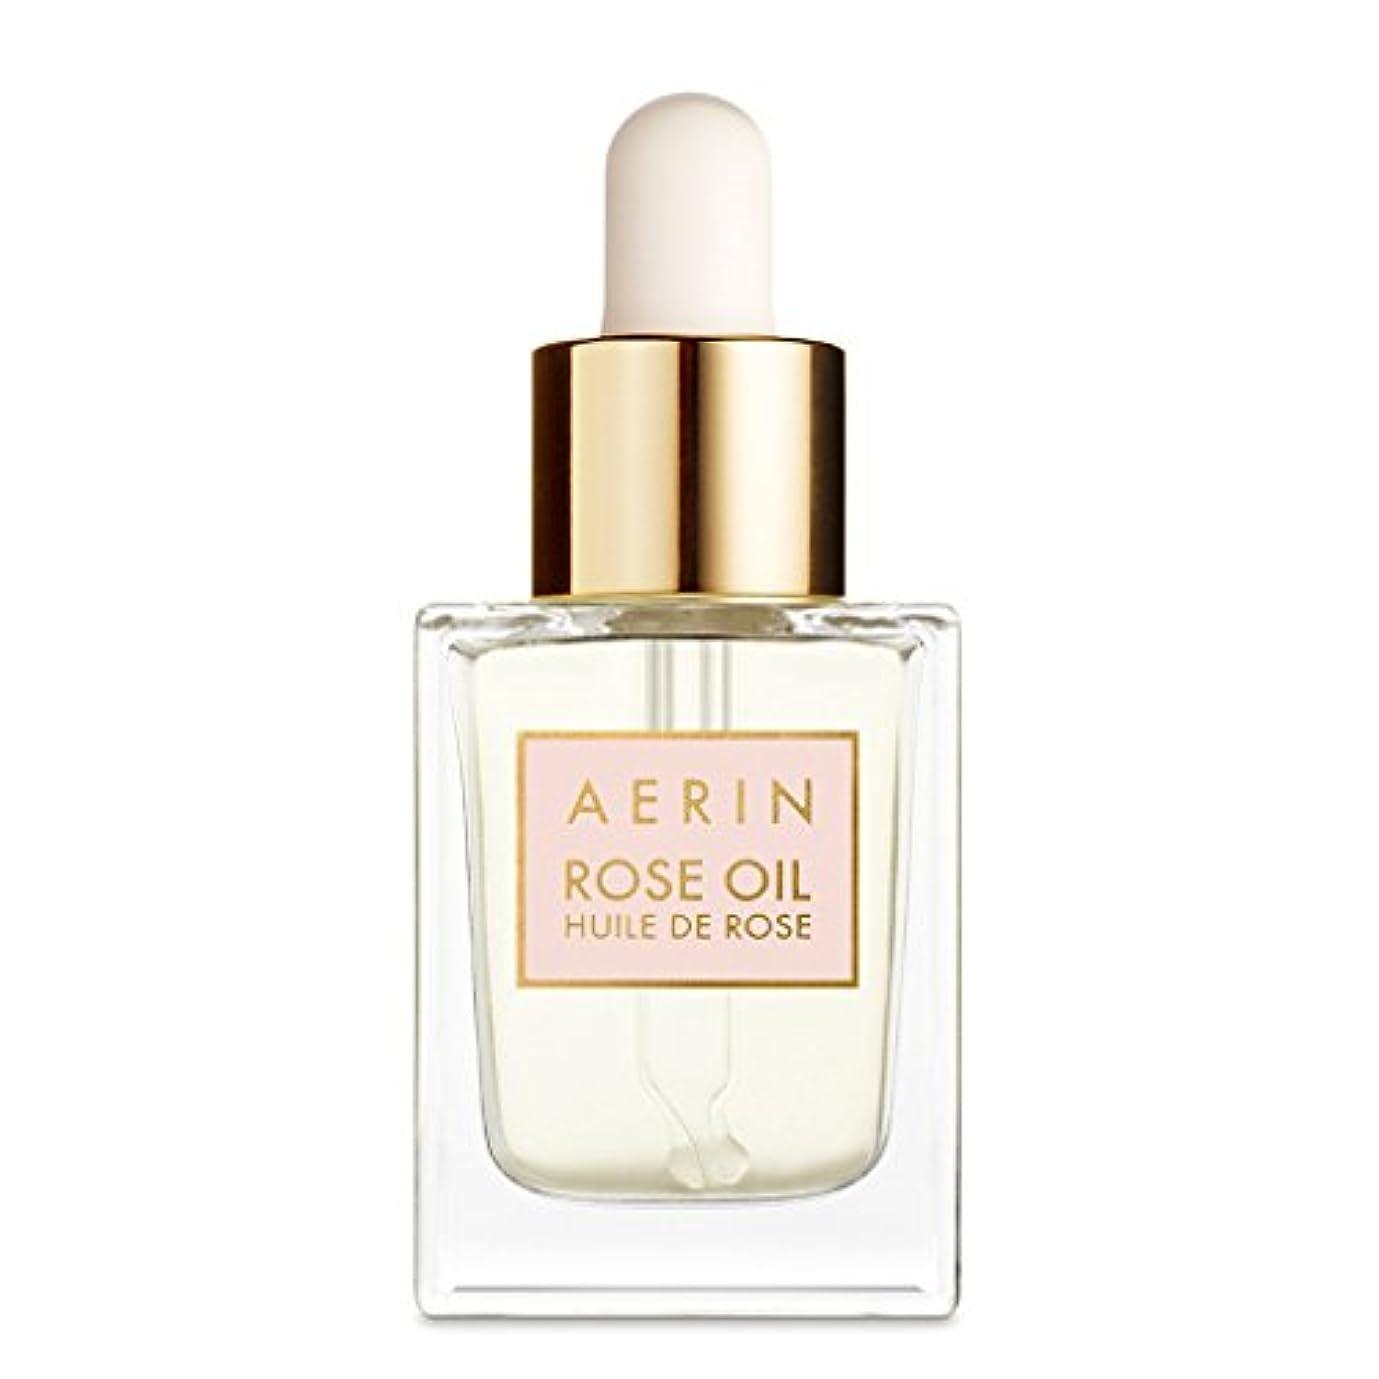 空の非難する遠いAERIN Rose Oil(アエリン ローズ オイル) 1.0 oz (30ml) by Estee Lauder for Women